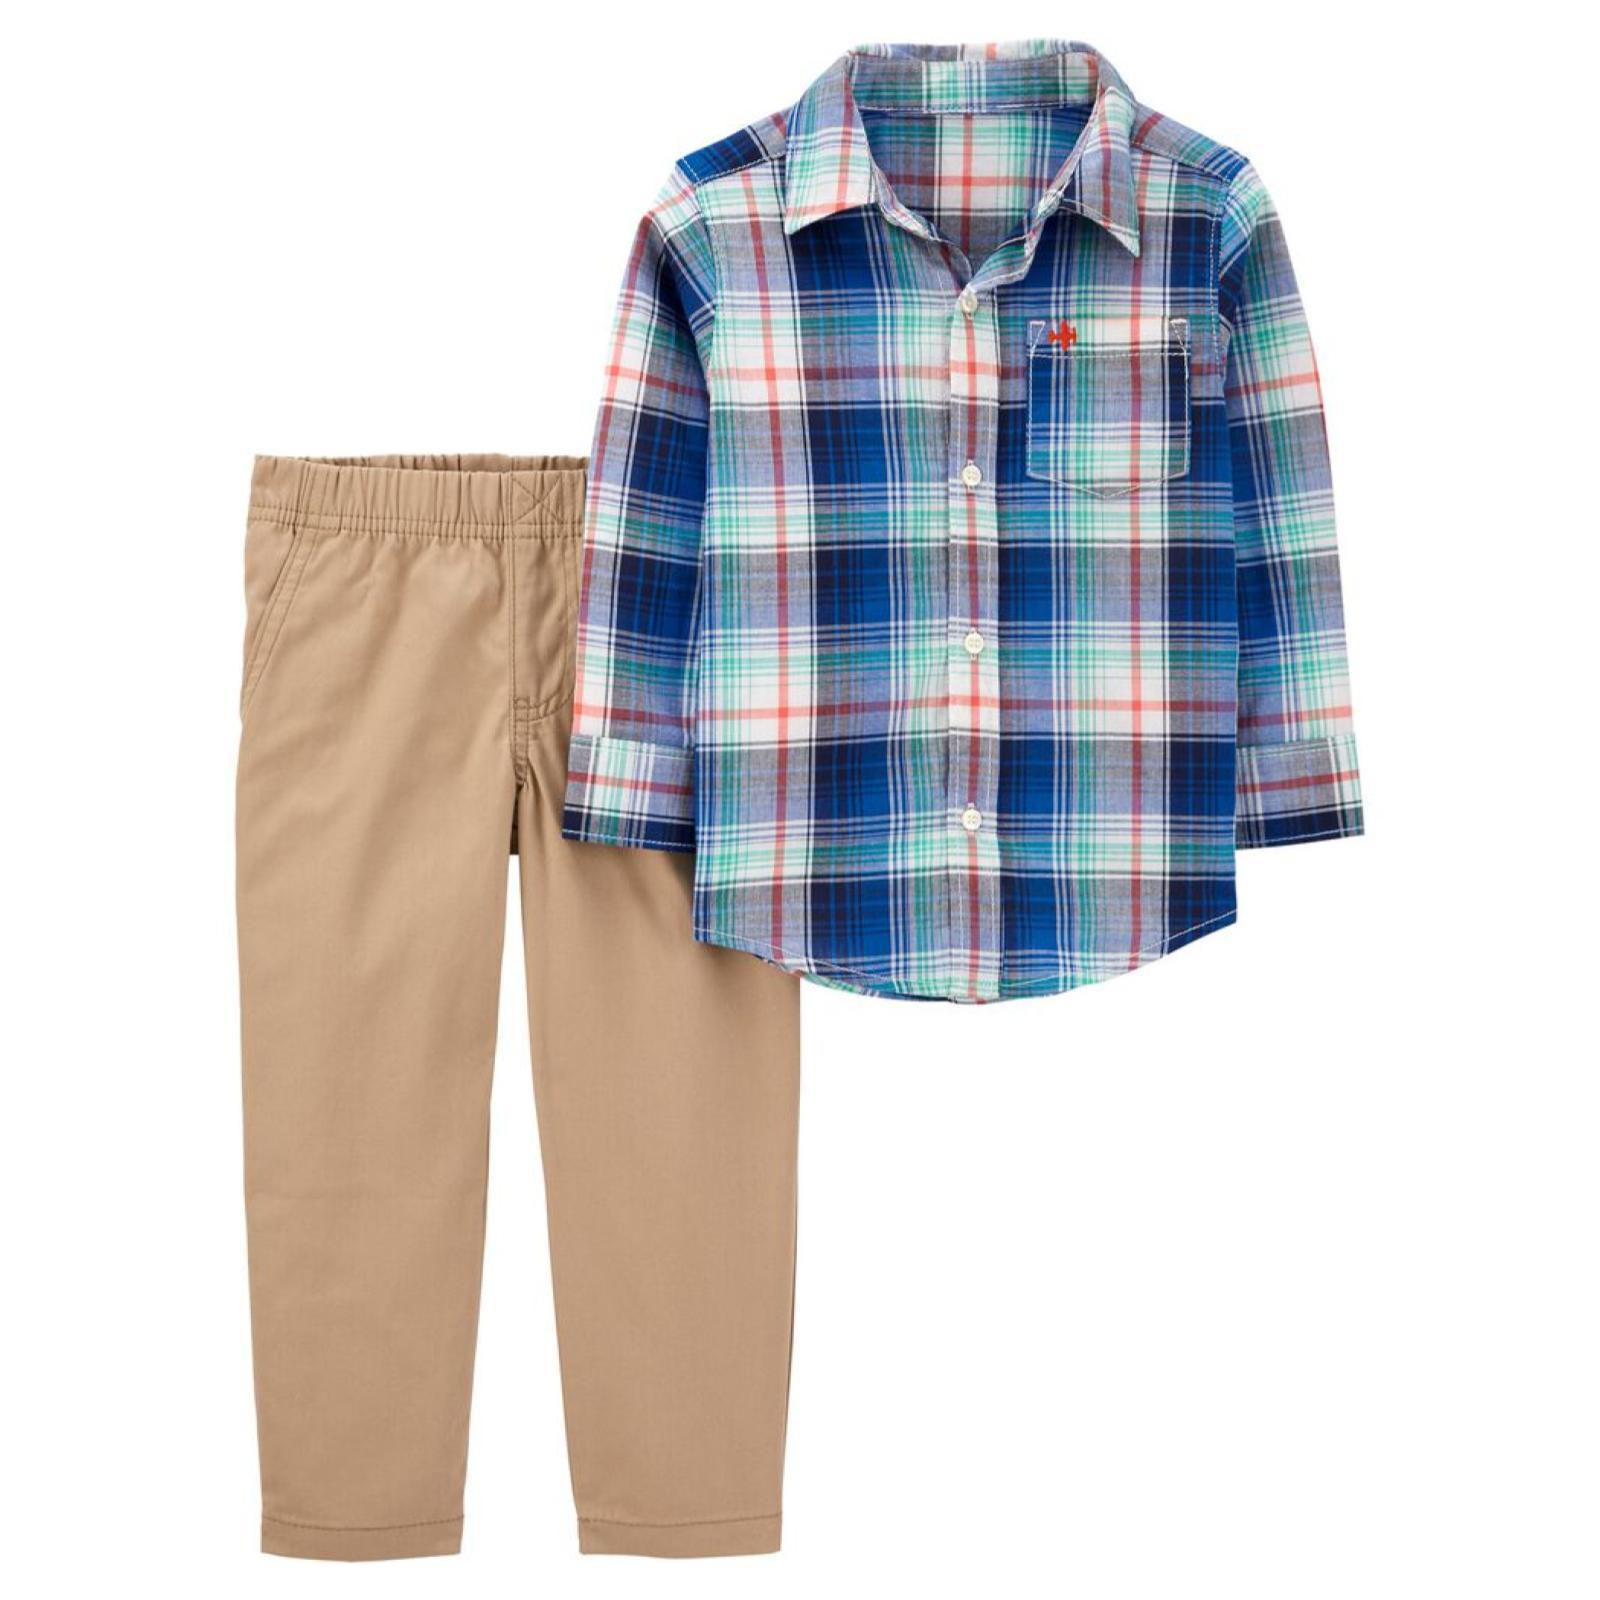 Conjunto 2 pecas jeans - camisa manga longa e calca trator | 2 anos